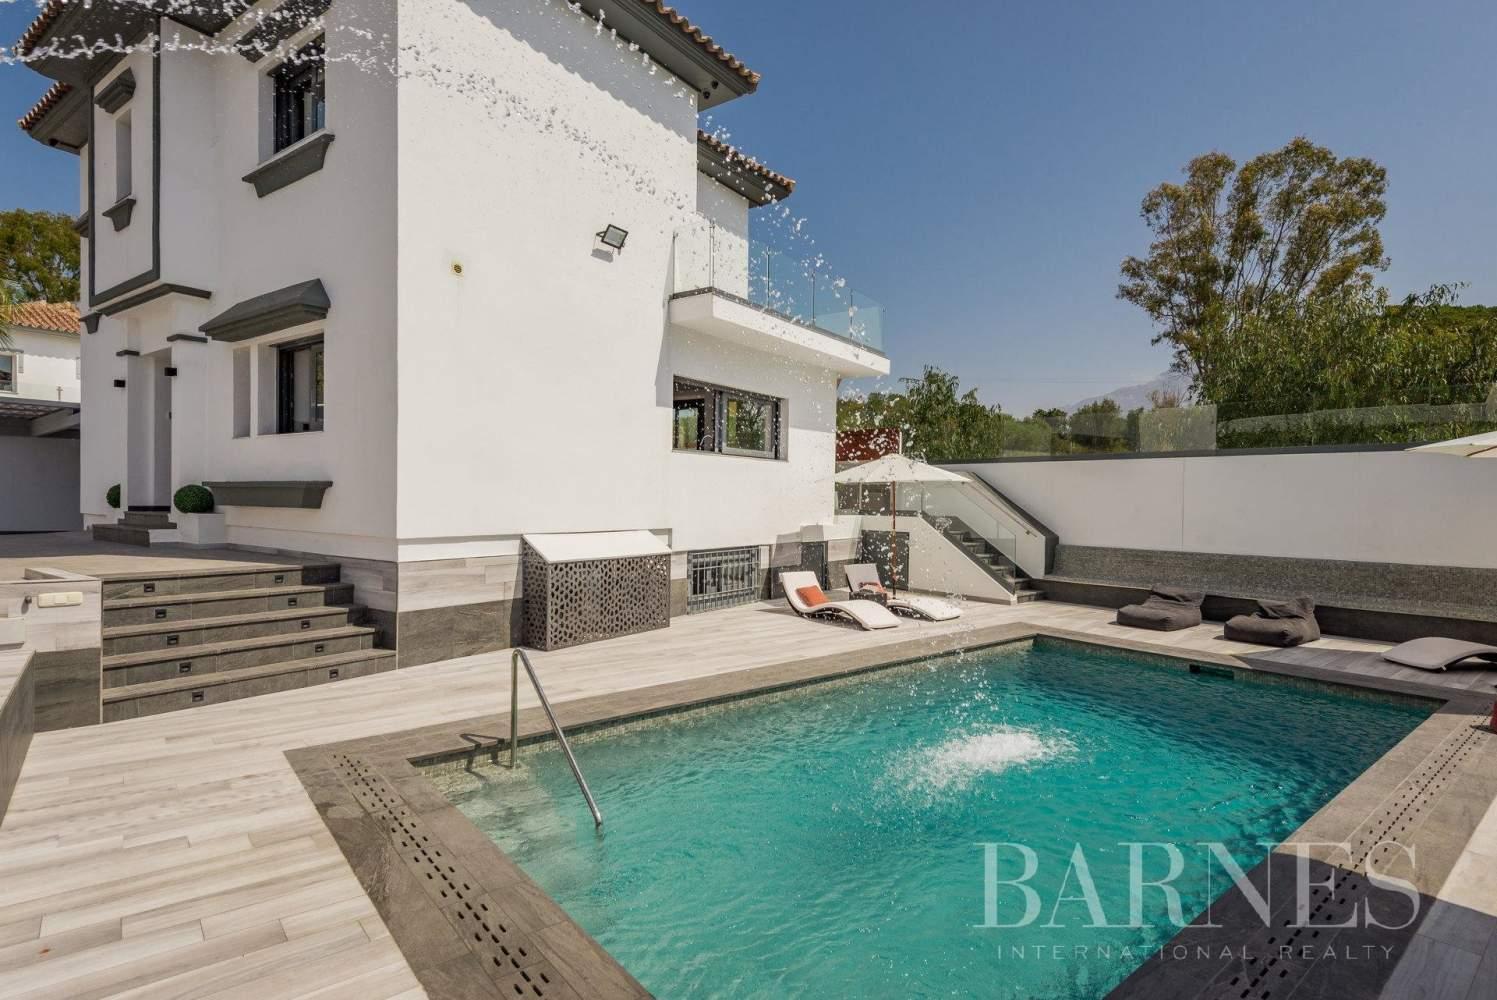 Marbella  - Villa  5 Habitaciones - picture 2